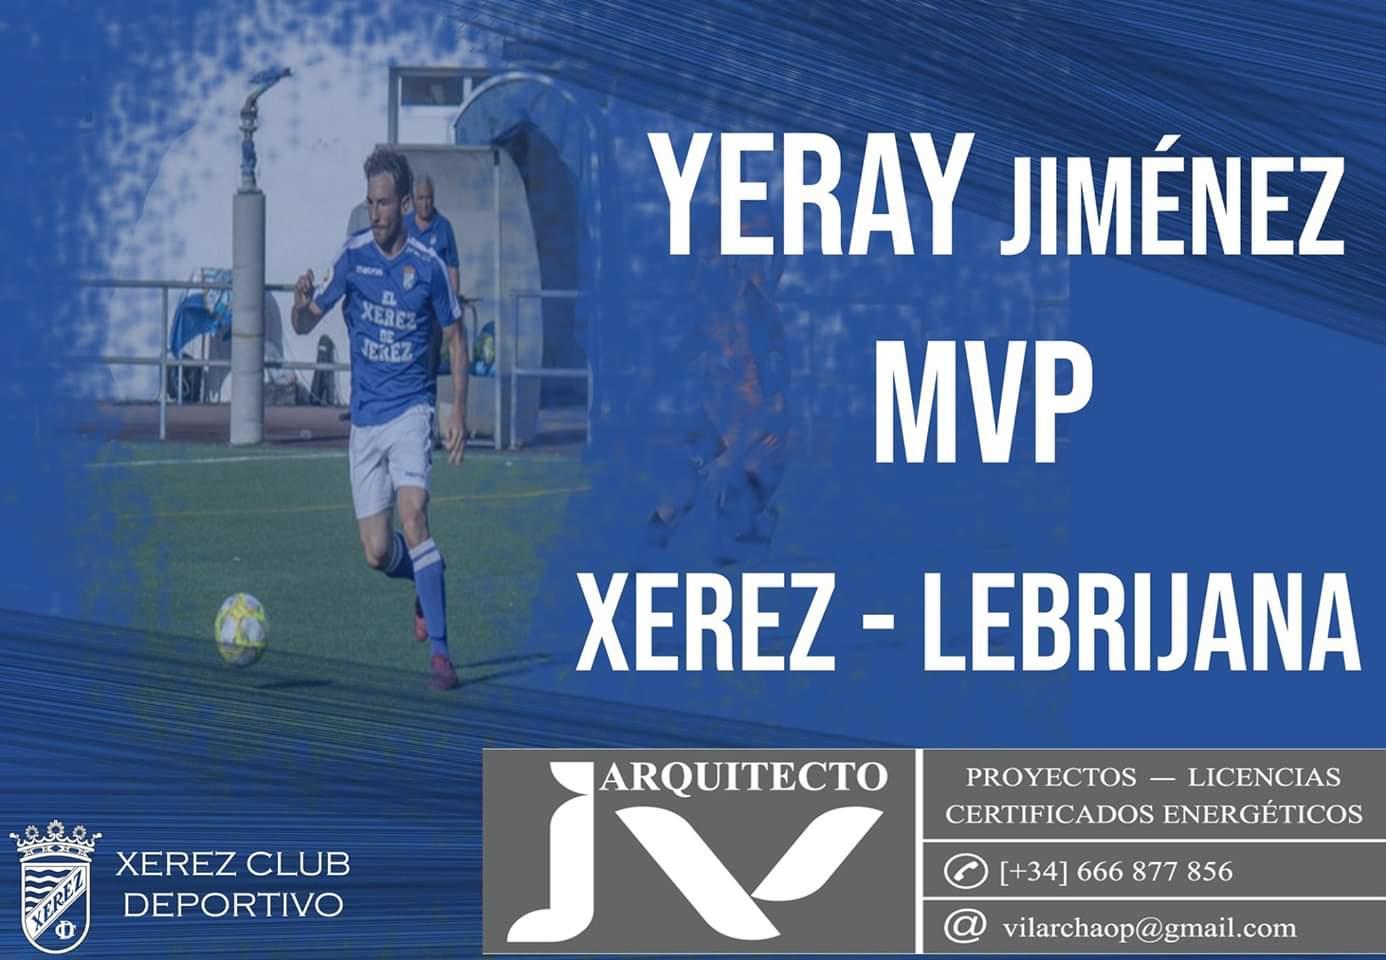 http://www.xerezclubdeportivo.es/wp-content/uploads/2019/09/mvp.jpg